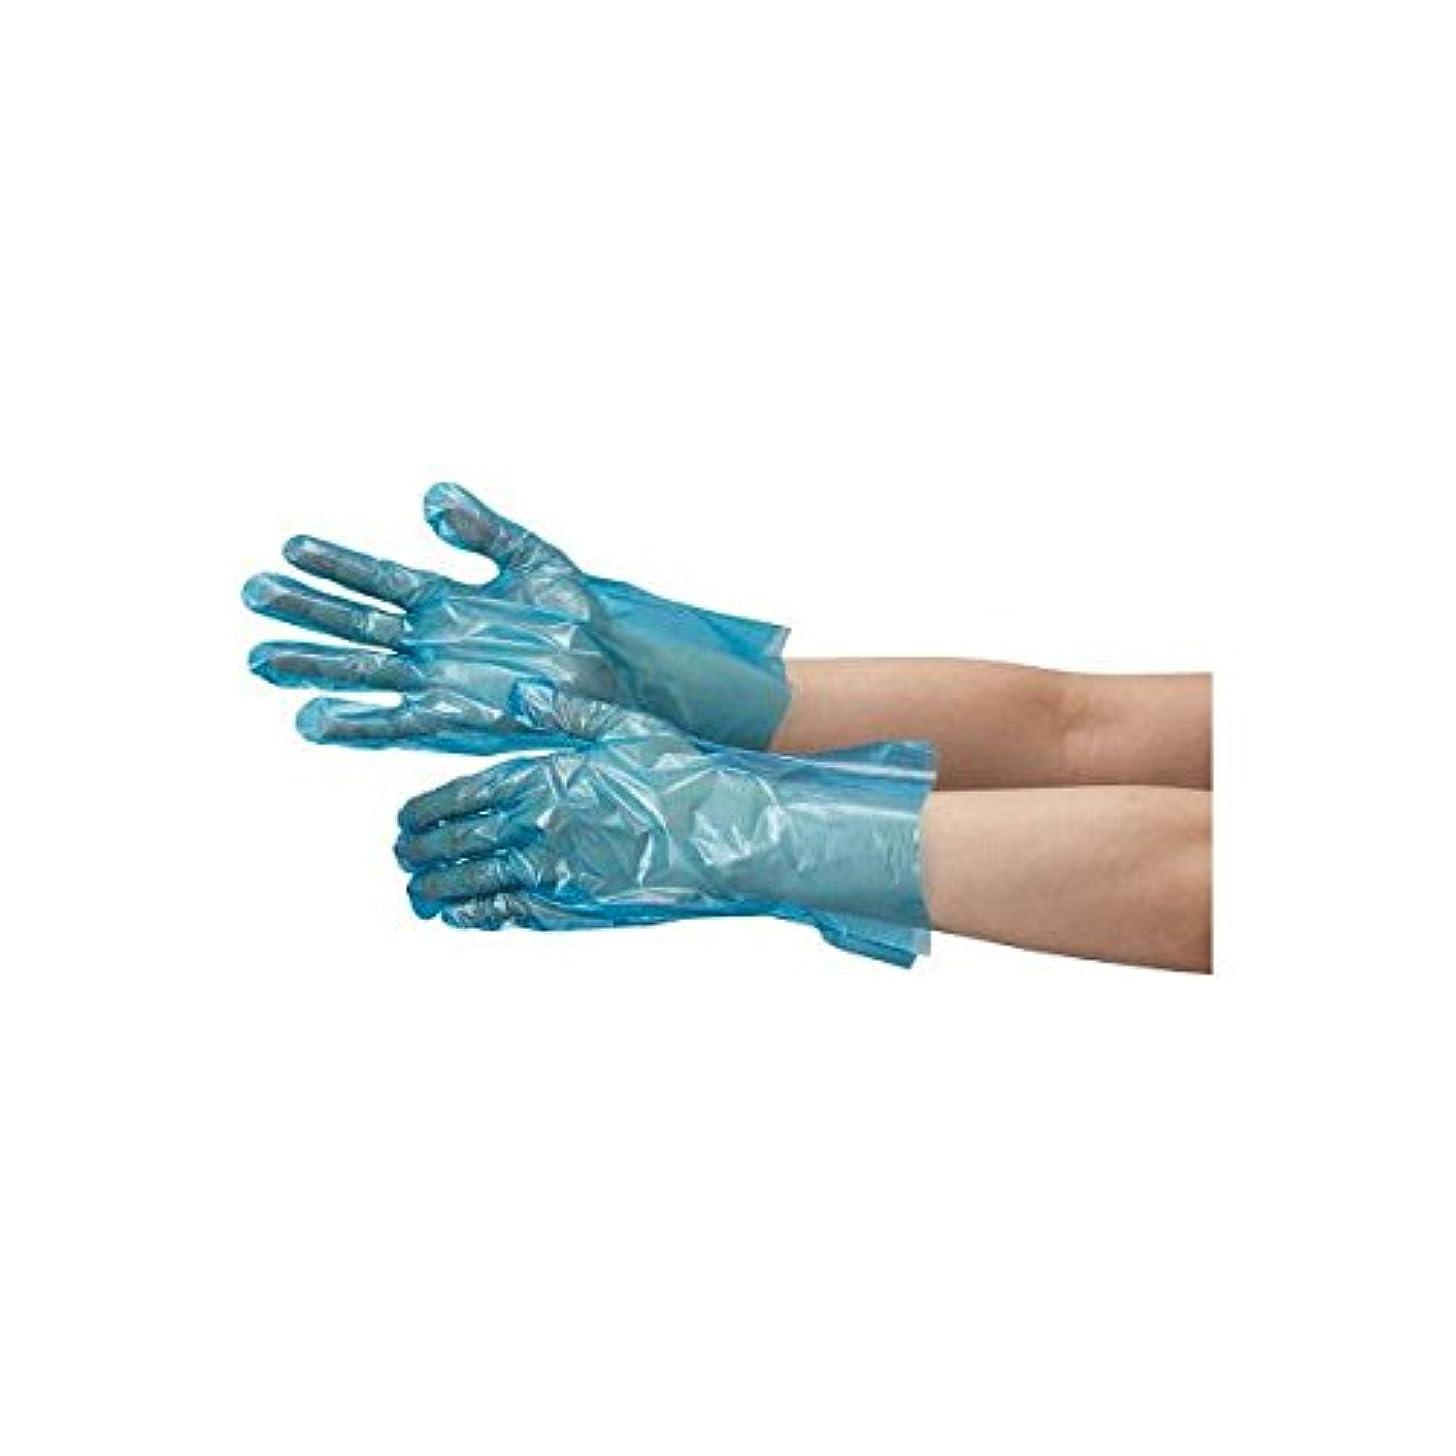 責任助手アドバイスミドリ安全/ミドリ安全 ポリエチレン使い捨て手袋 片エンボス 200枚入 青 L(3888851) VERTE-504-L [その他]